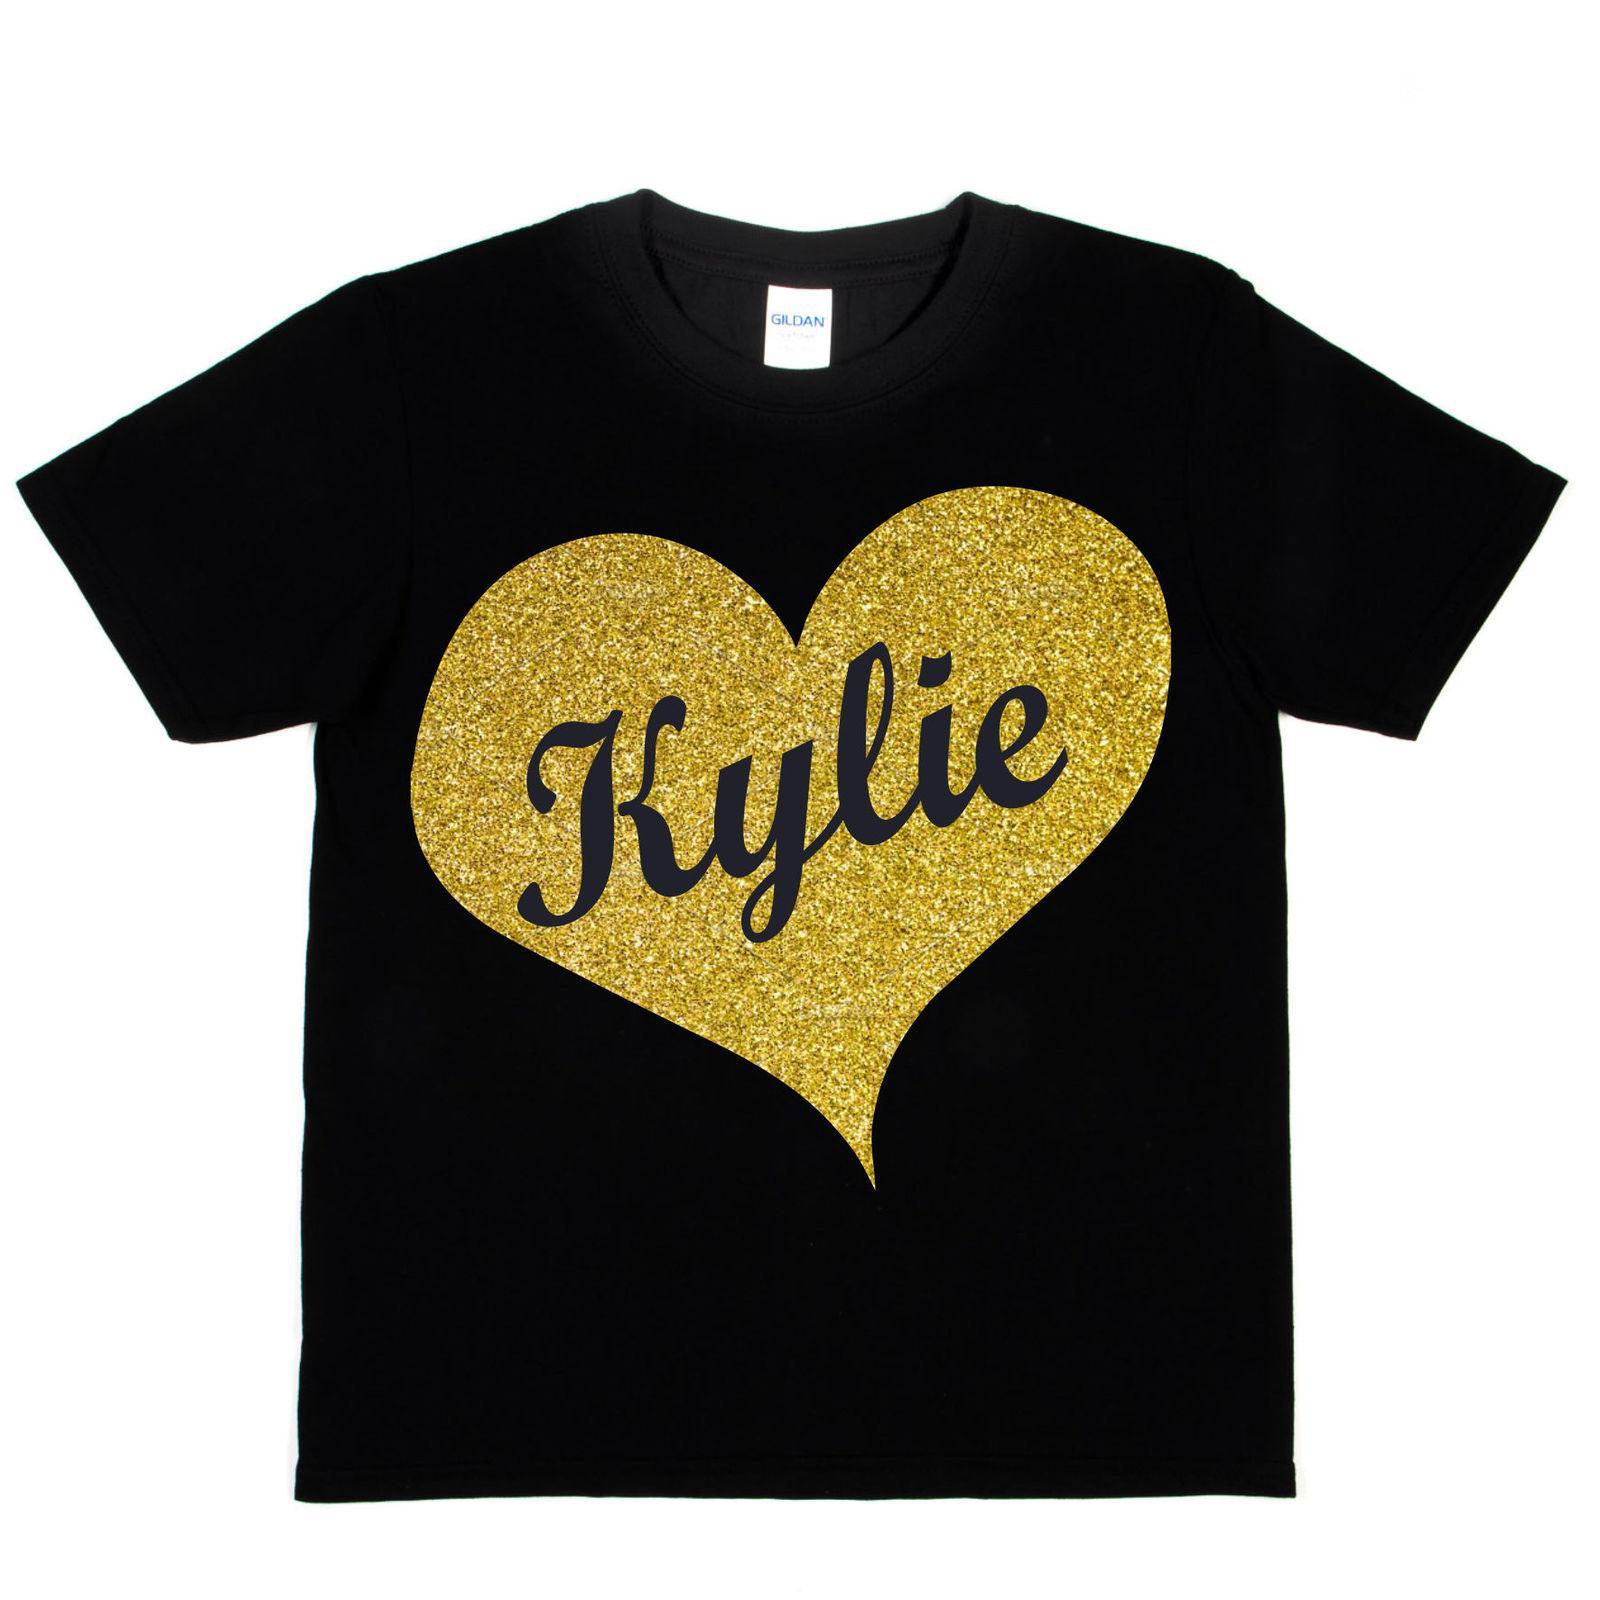 acheter populaire 0c968 64a14 T-shirt Personnalisé pour Enfants N importe Quel Nom Kylie Anniversaire  RETRO VINTAGE Classique taille t-shirt taille discout chaud nouveau tshirt  top ...